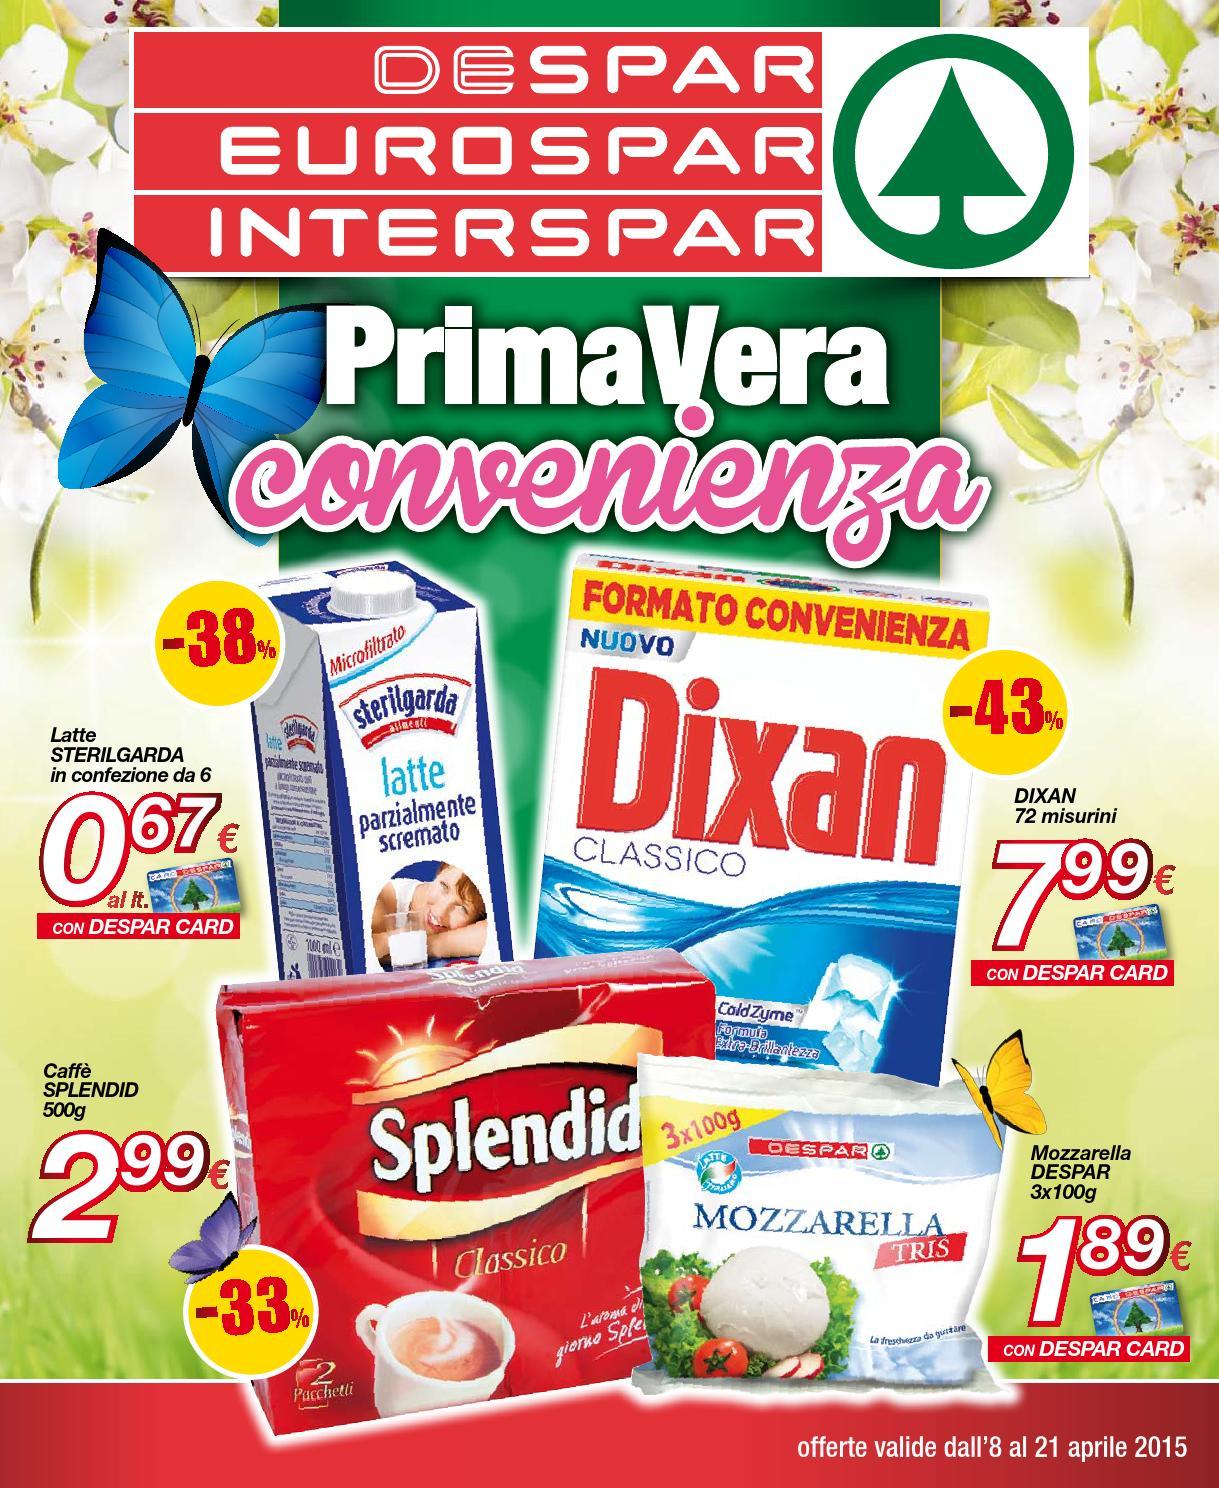 Despar Eurospar Interspar Volantino Offerte 07 2015 By